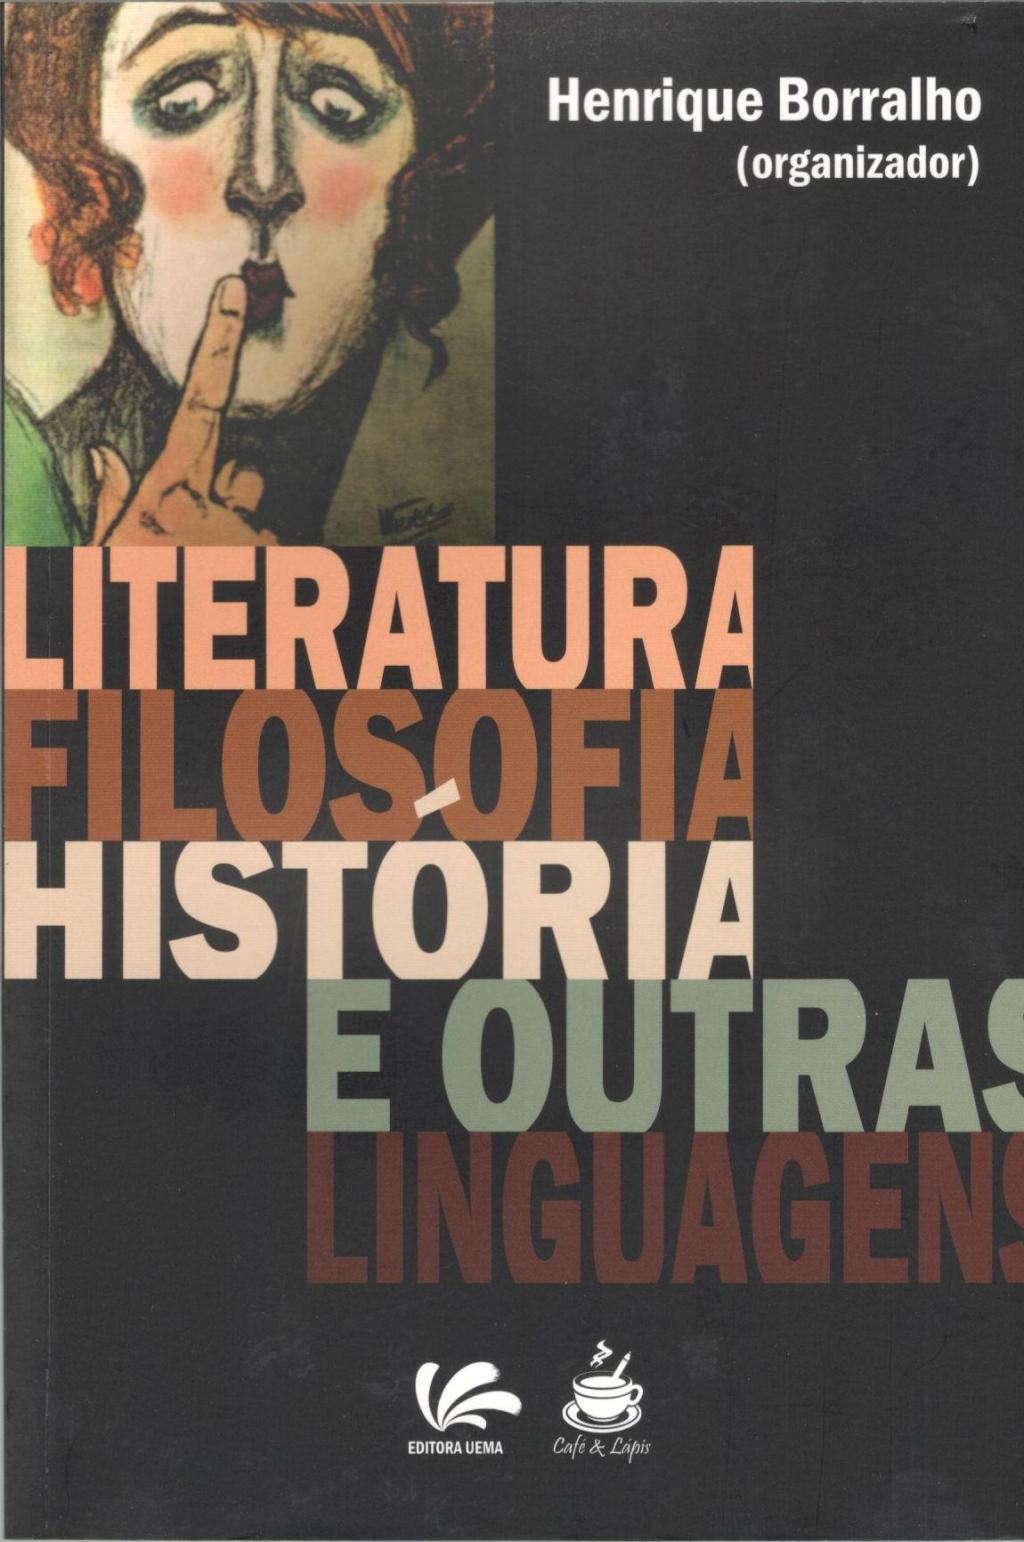 Literatura filosofia história e outras linguagens (Esgotado)